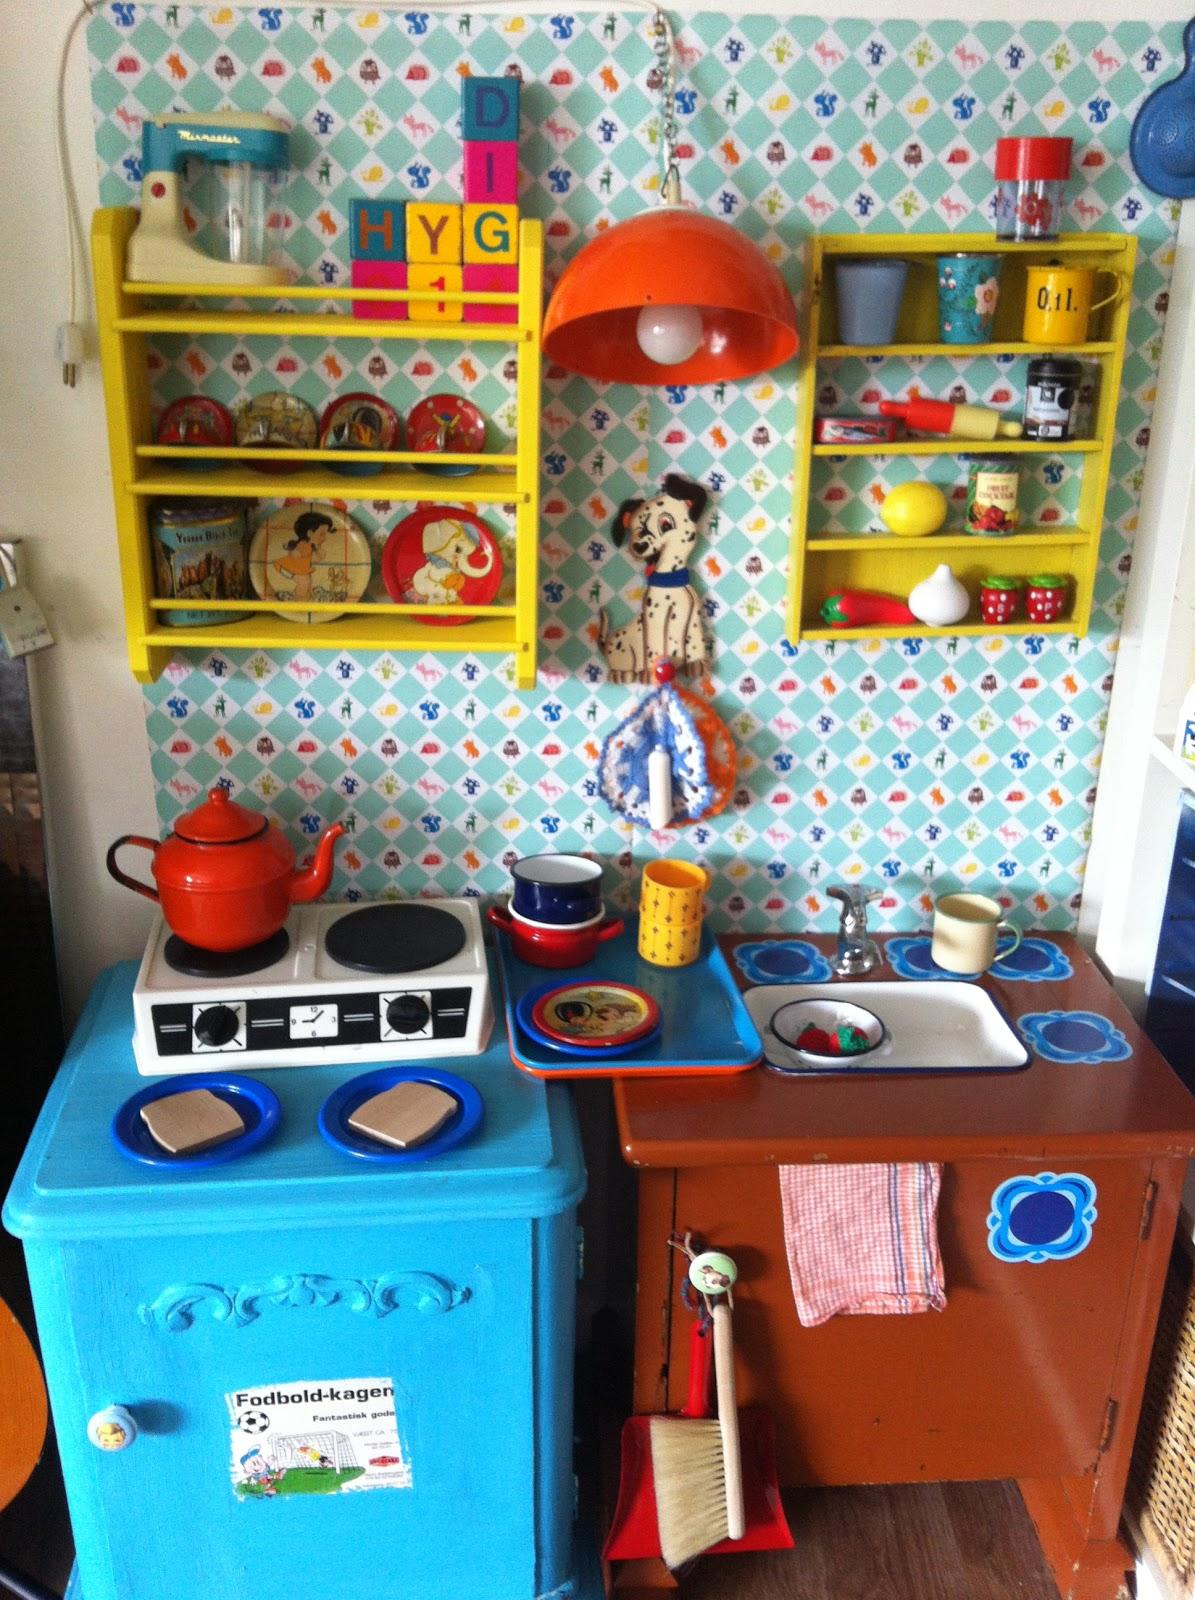 #059EC6 Anbefalede Legekøkken Projekt Gør Det Selv Playkitchen DIY Karolines Blog Gør Det Selv Legekøkken 5667 119516005667